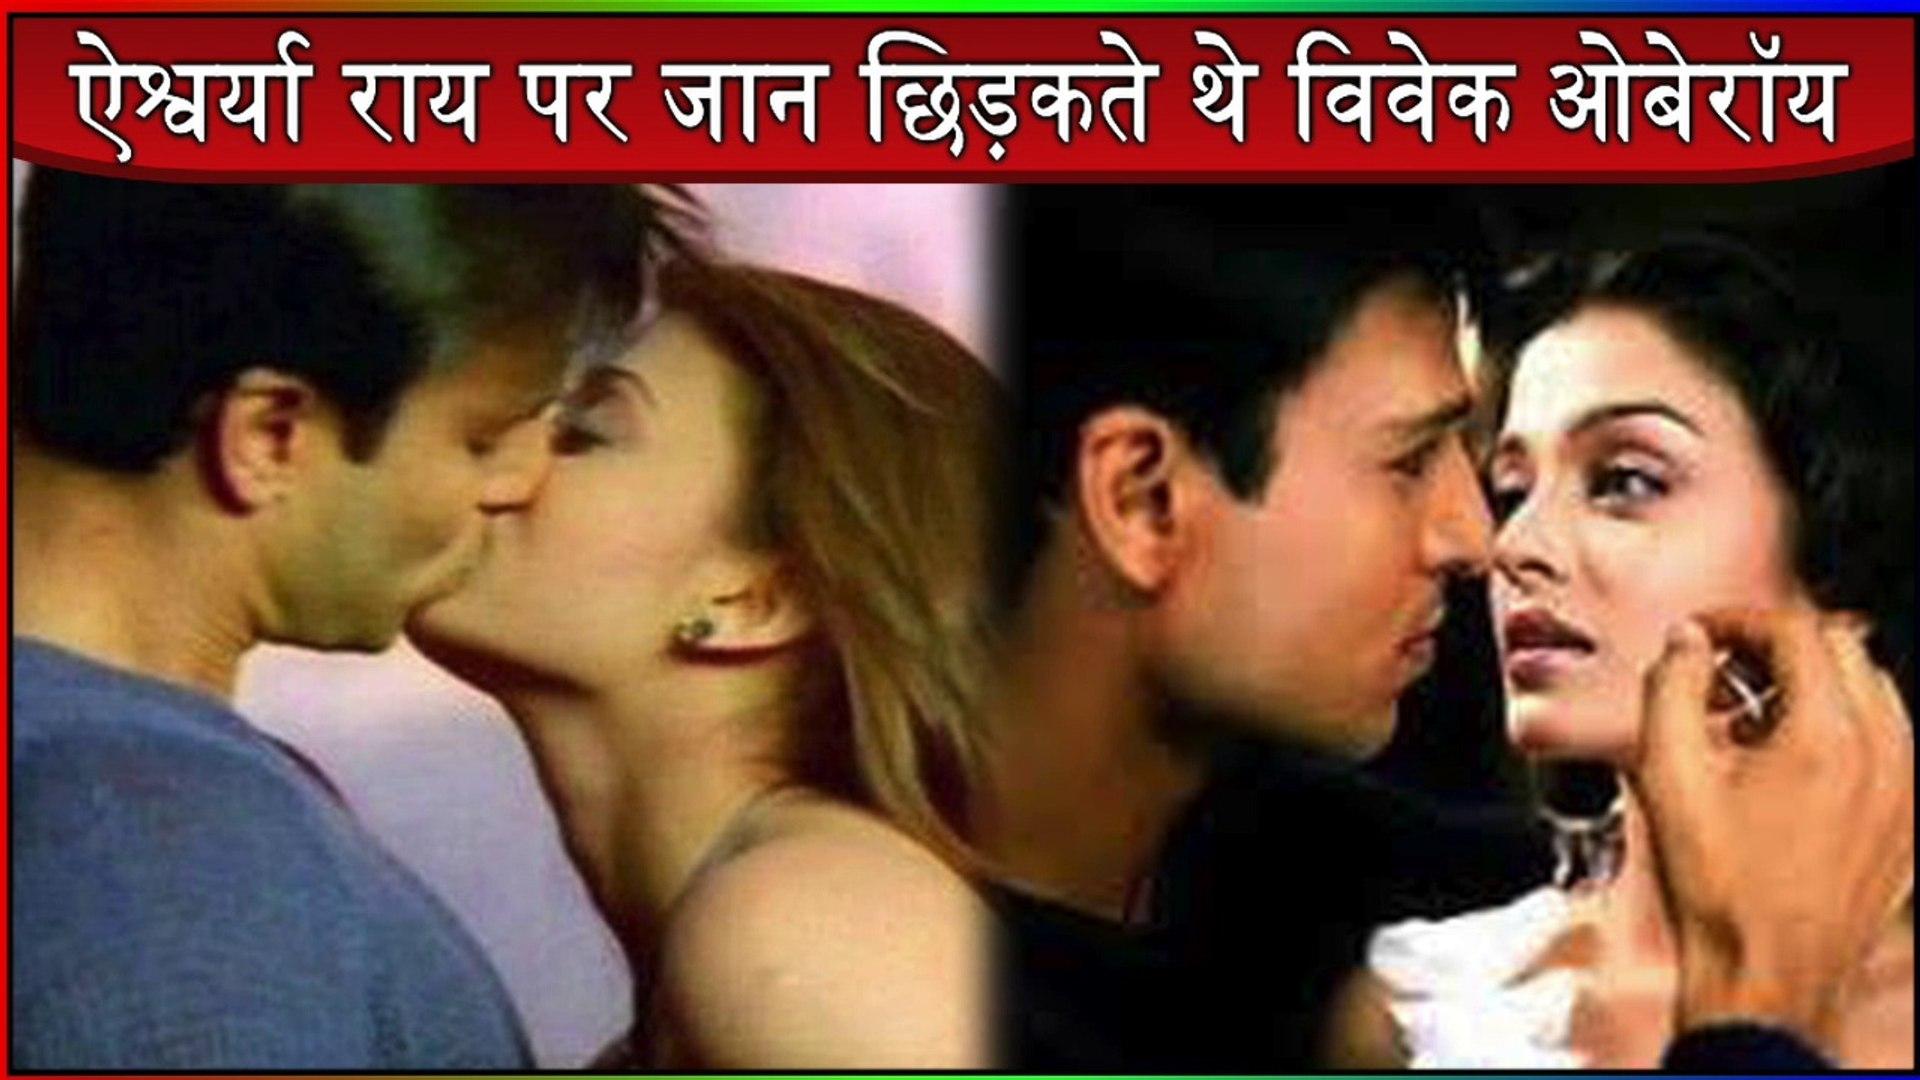 Salman love aishwarya